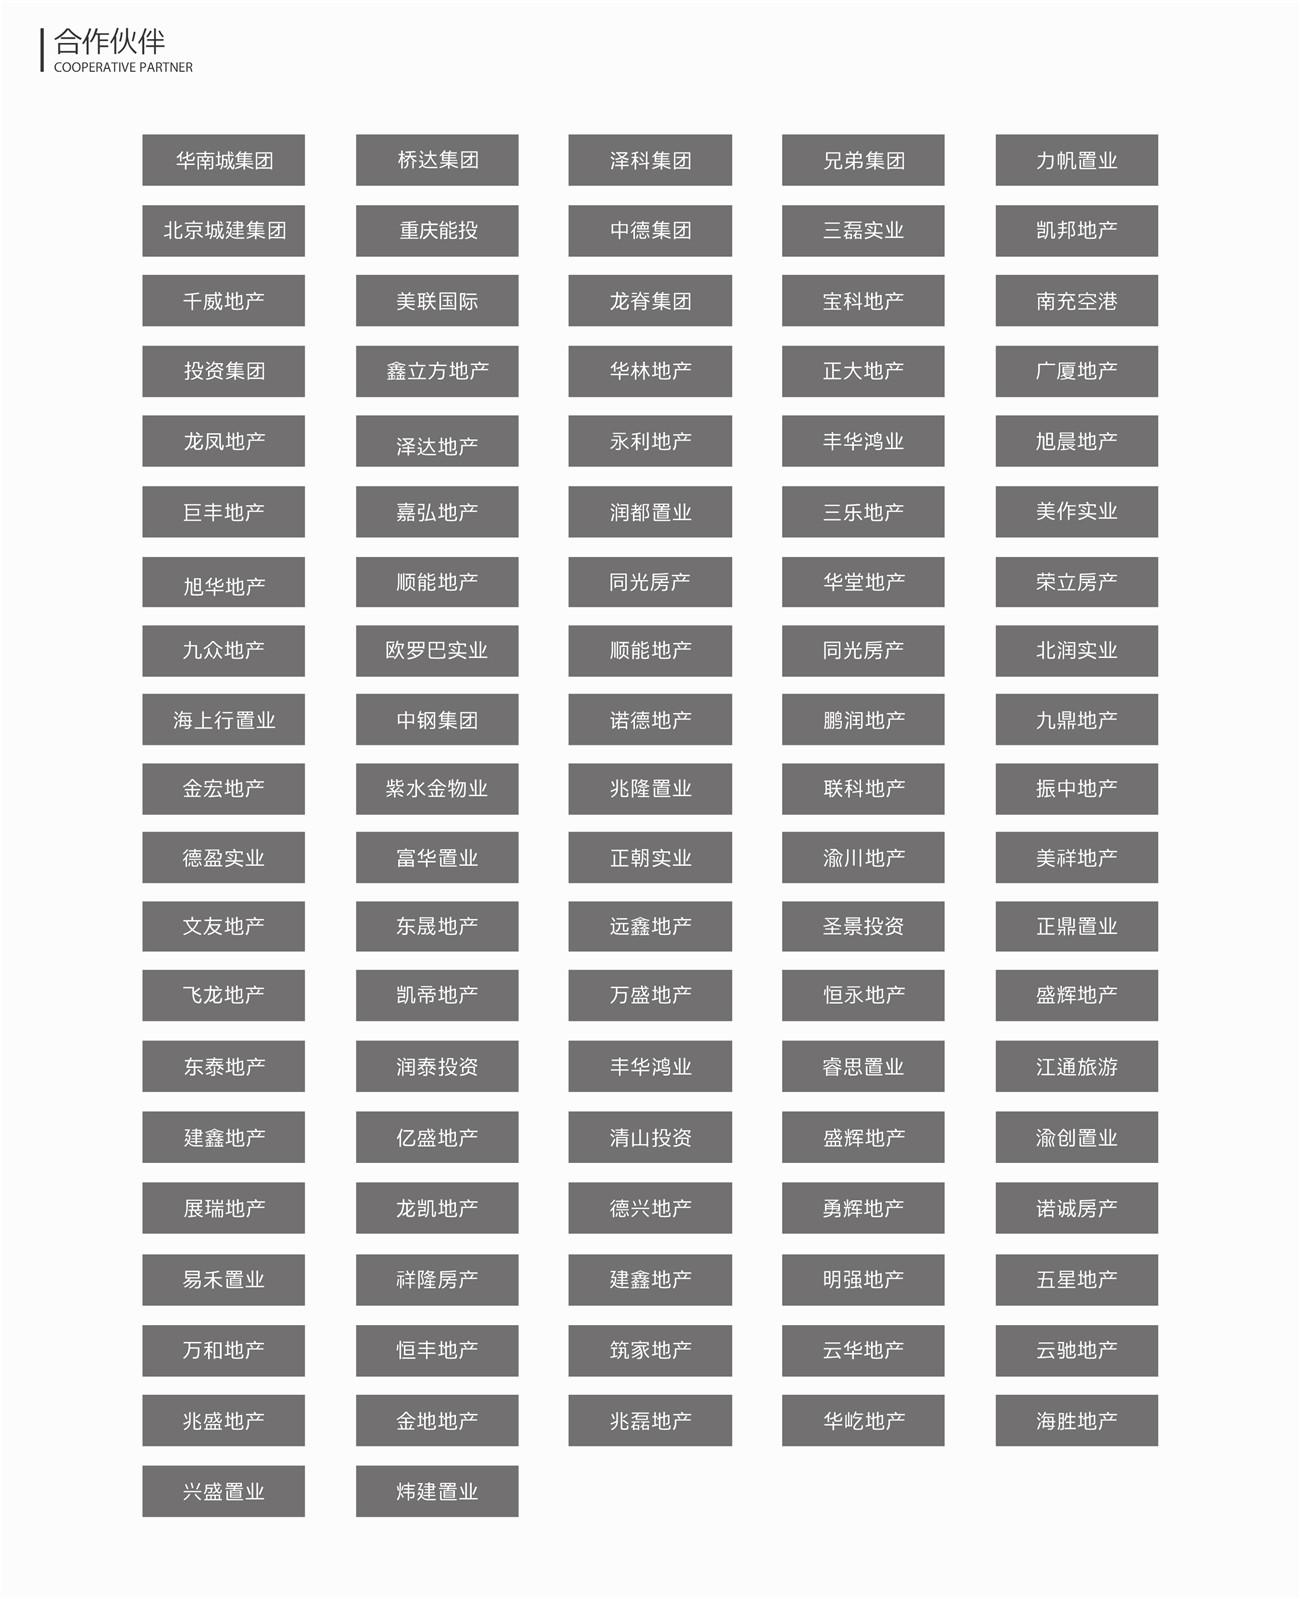 公司网页-关于bwin必赢客服-09.jpg